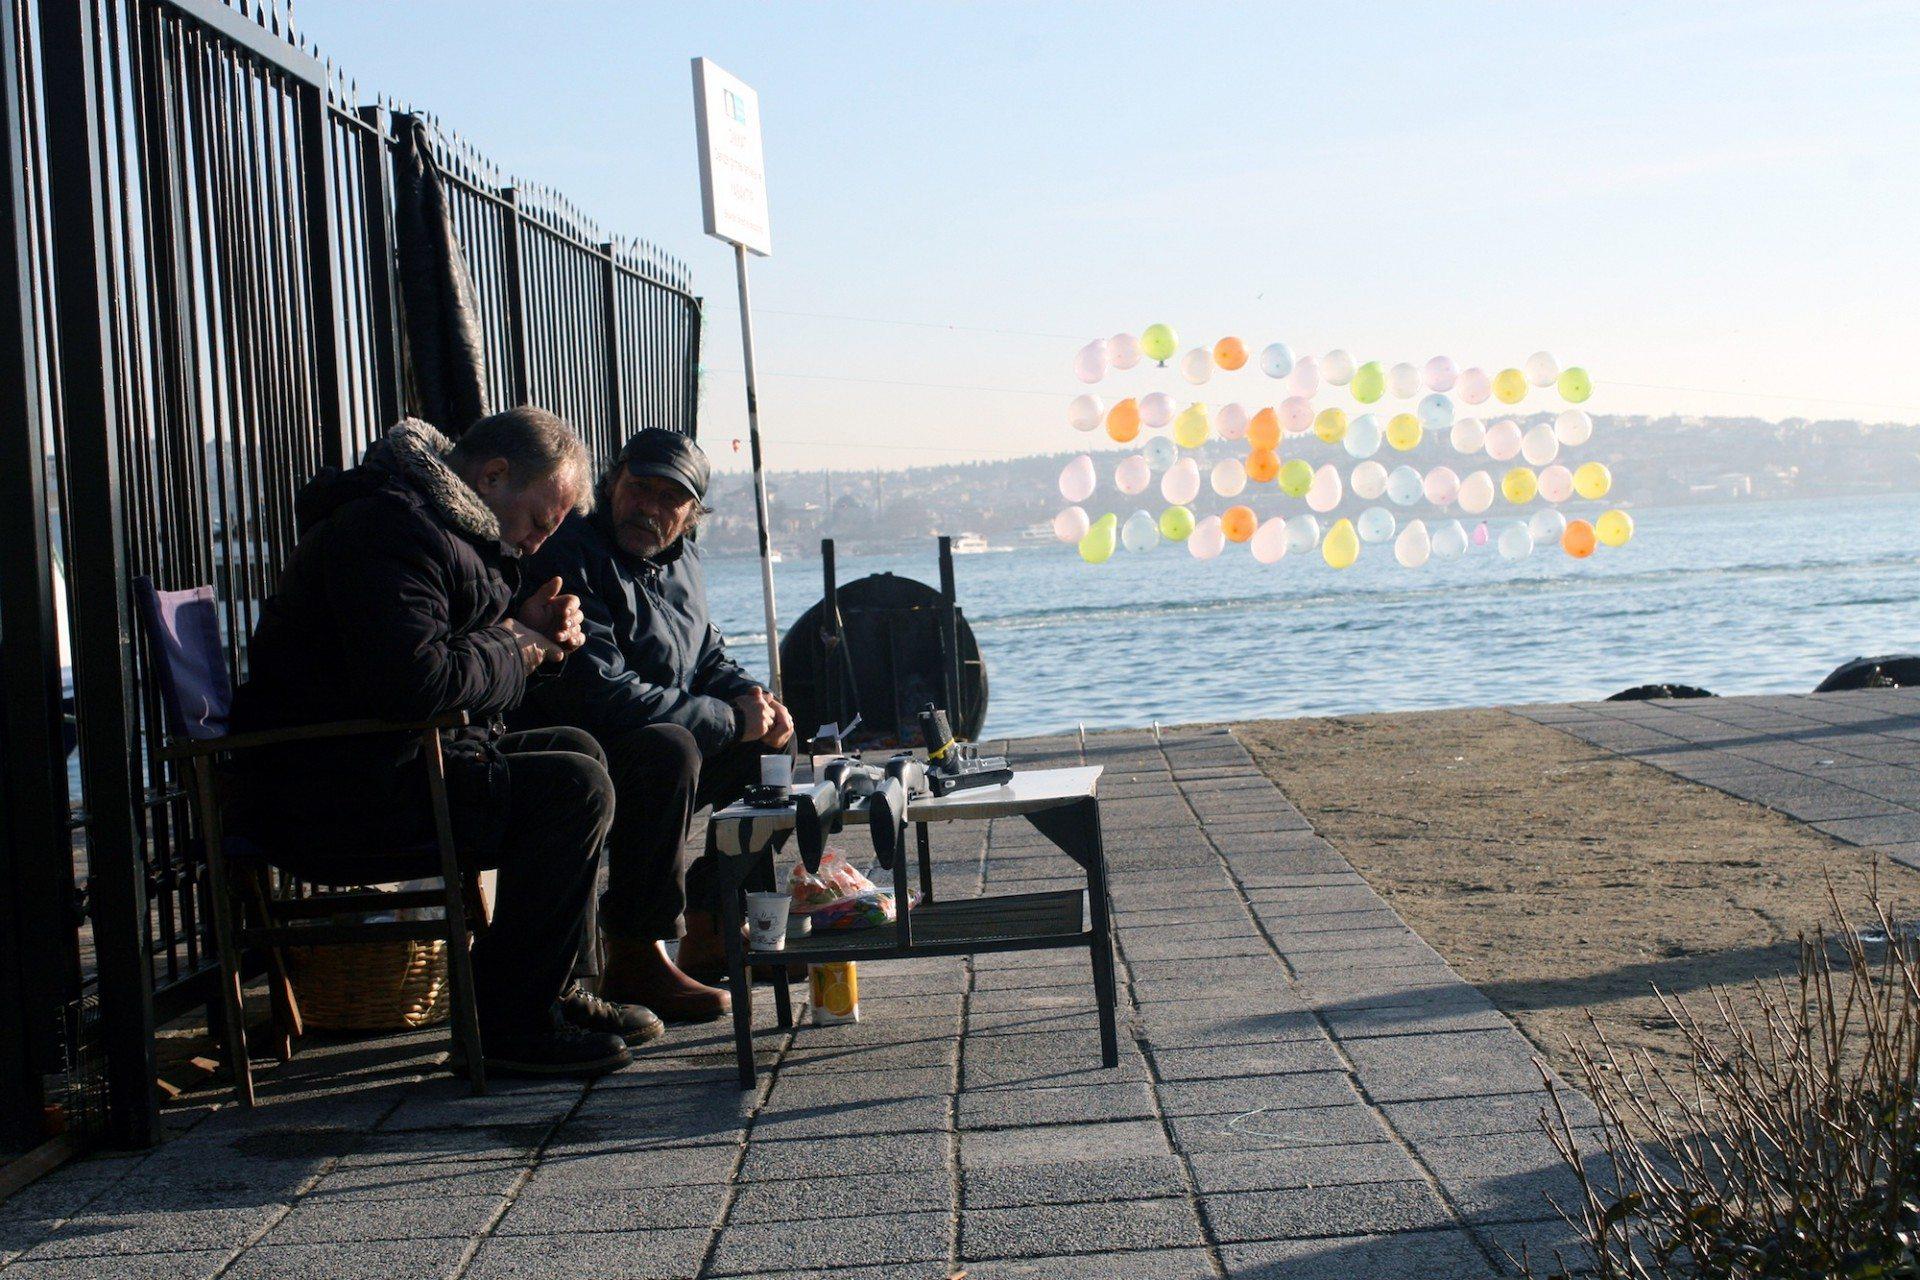 3. Schießstand. Luftballonschießen ist eine der Freizeitaktivitäten entlang des Bosporus und am Ufer des Marmarameeres. Zwei Pfosten, eine Schnur und jede Menge Luftballons. Schon kanns losgehen.